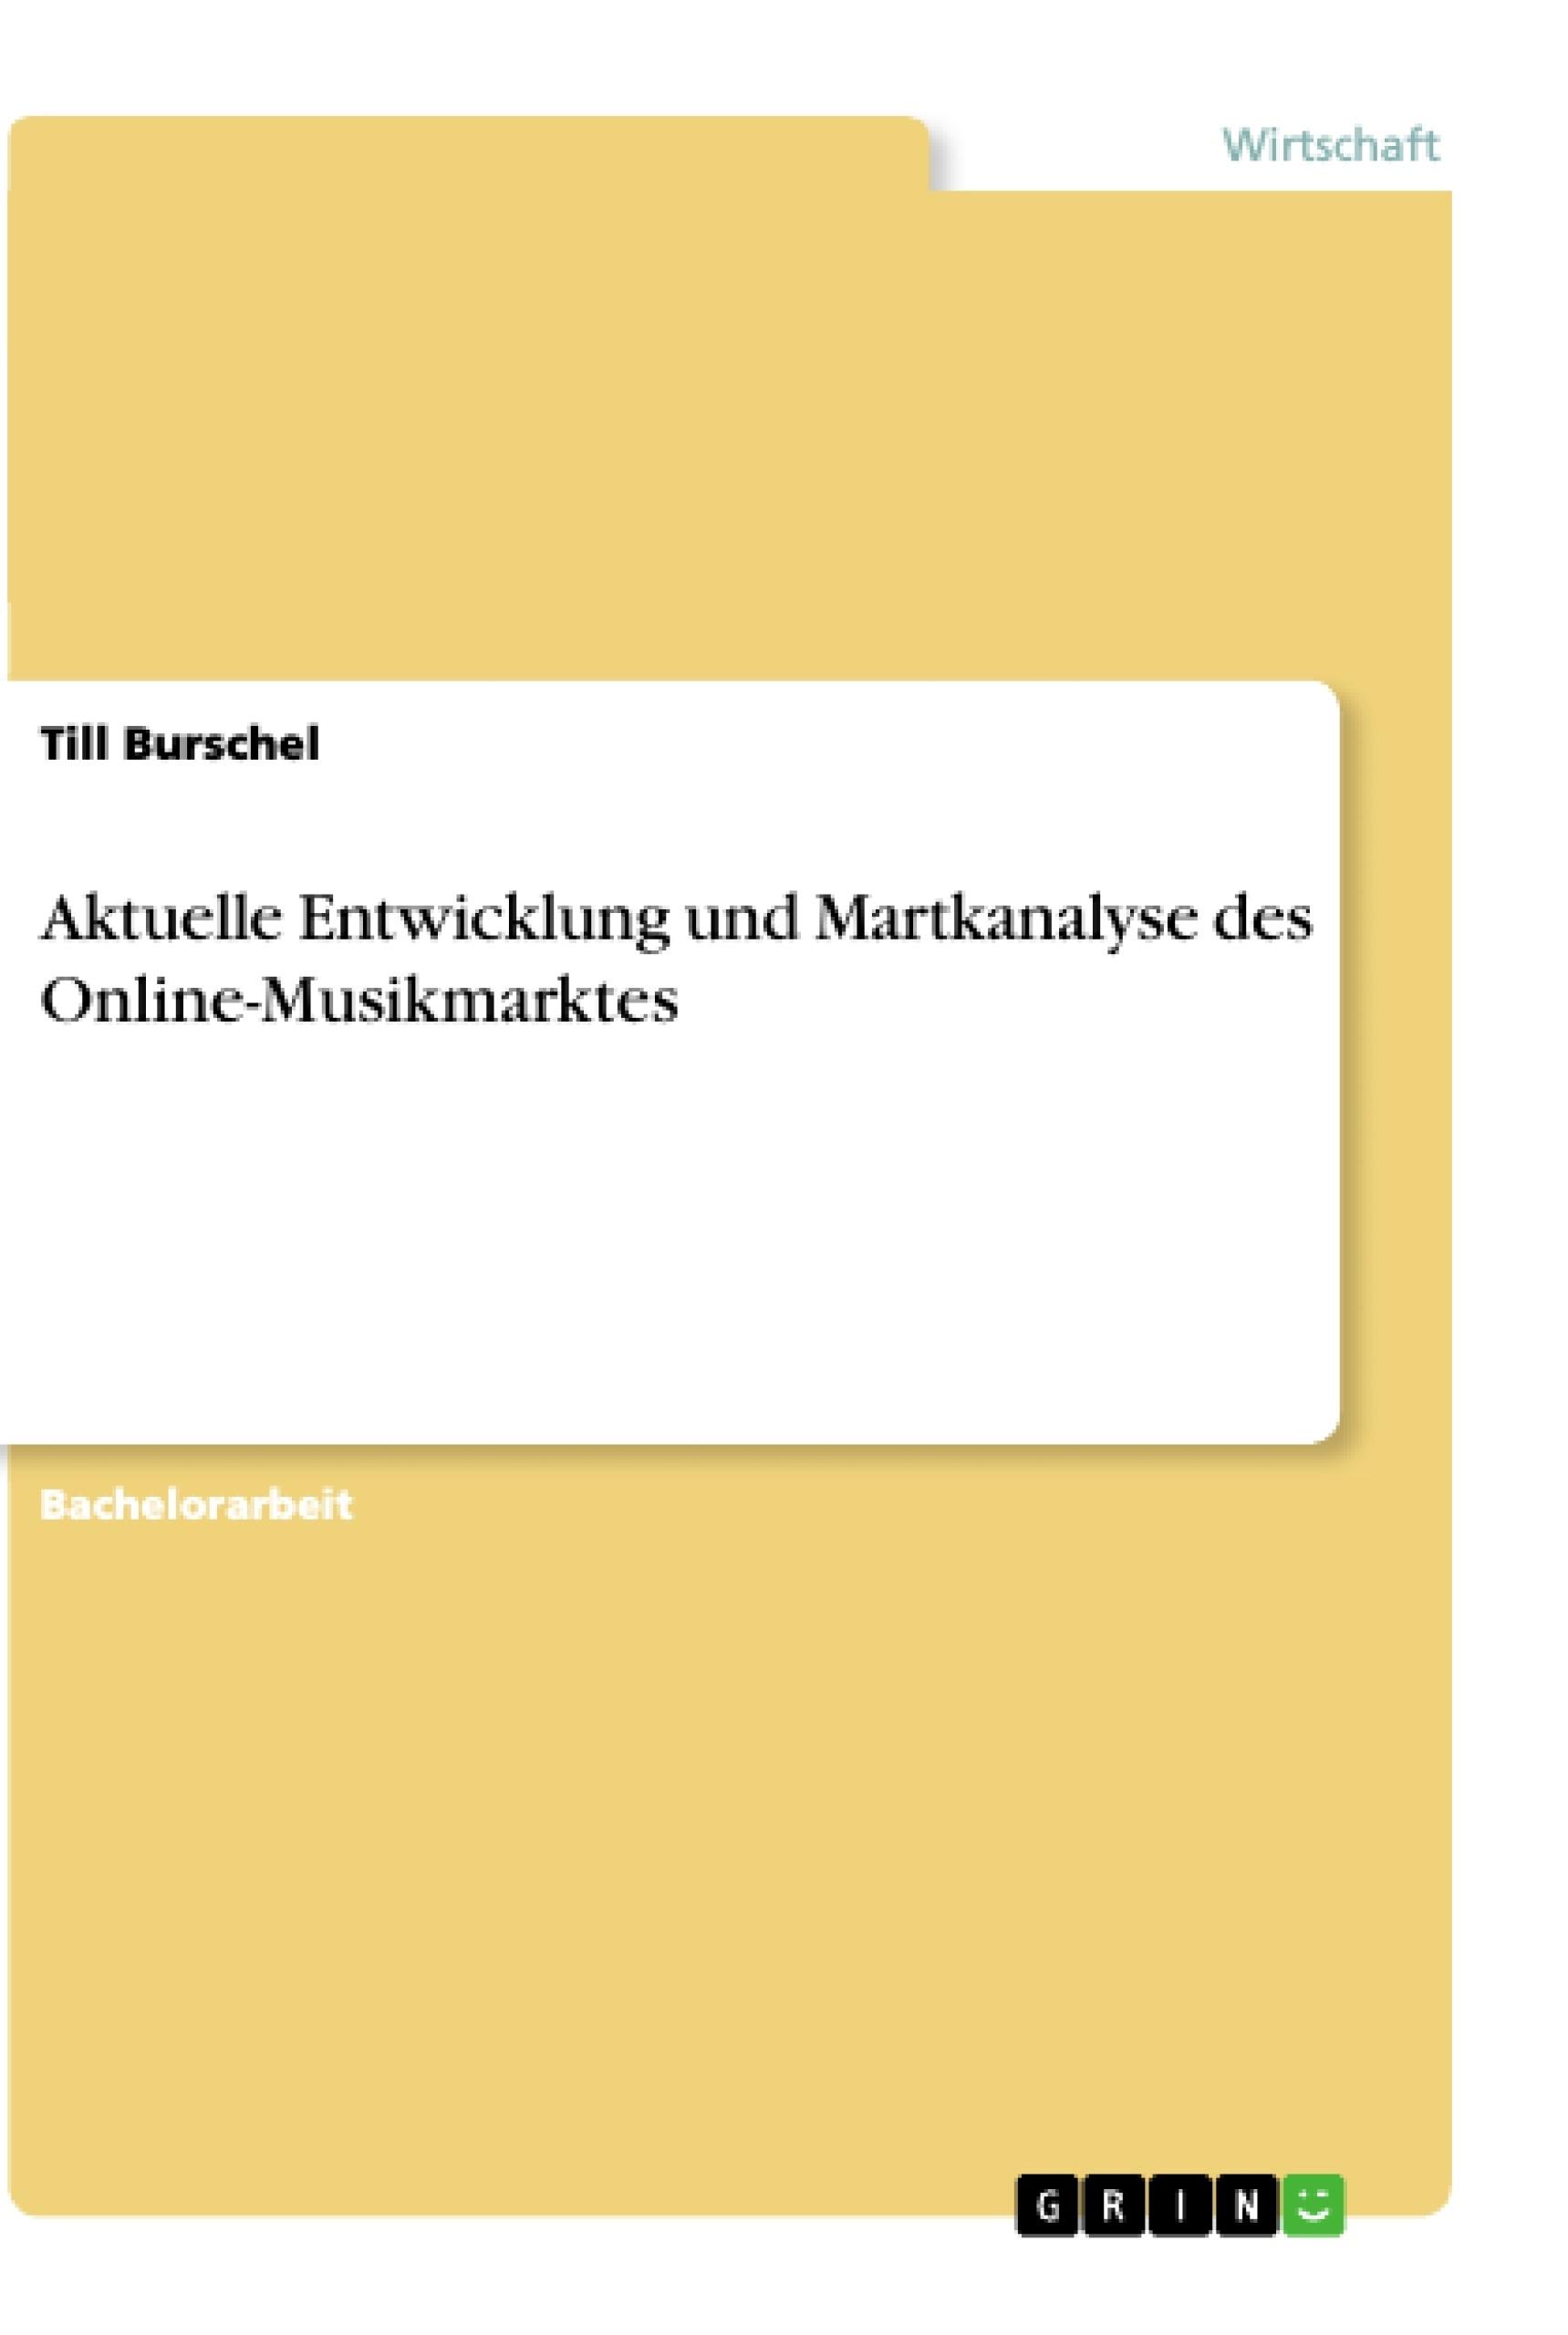 Titel: Aktuelle Entwicklung und Martkanalyse des Online-Musikmarktes